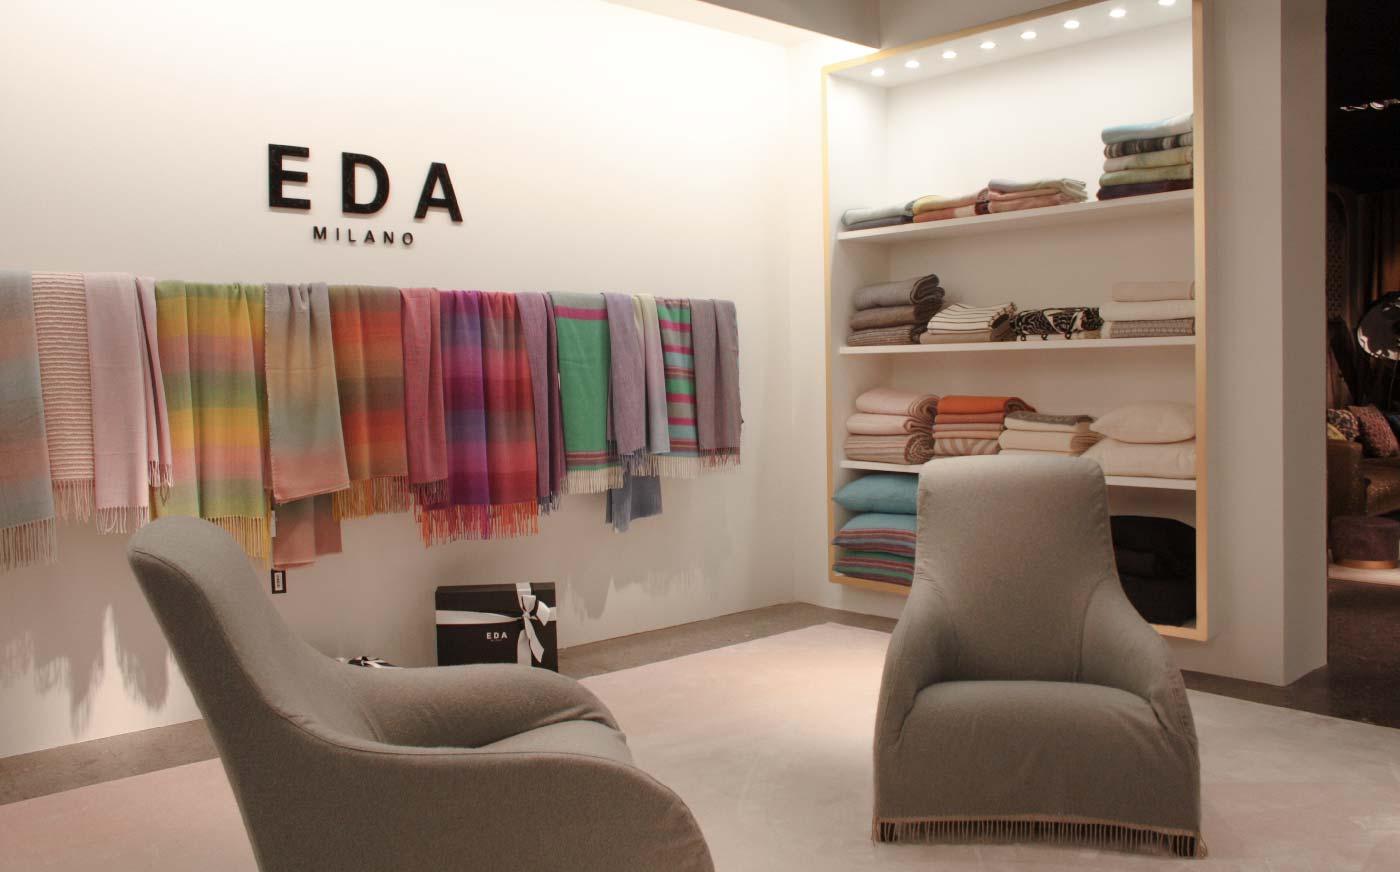 enzodegliangiuoni-EDA-Milano-2018